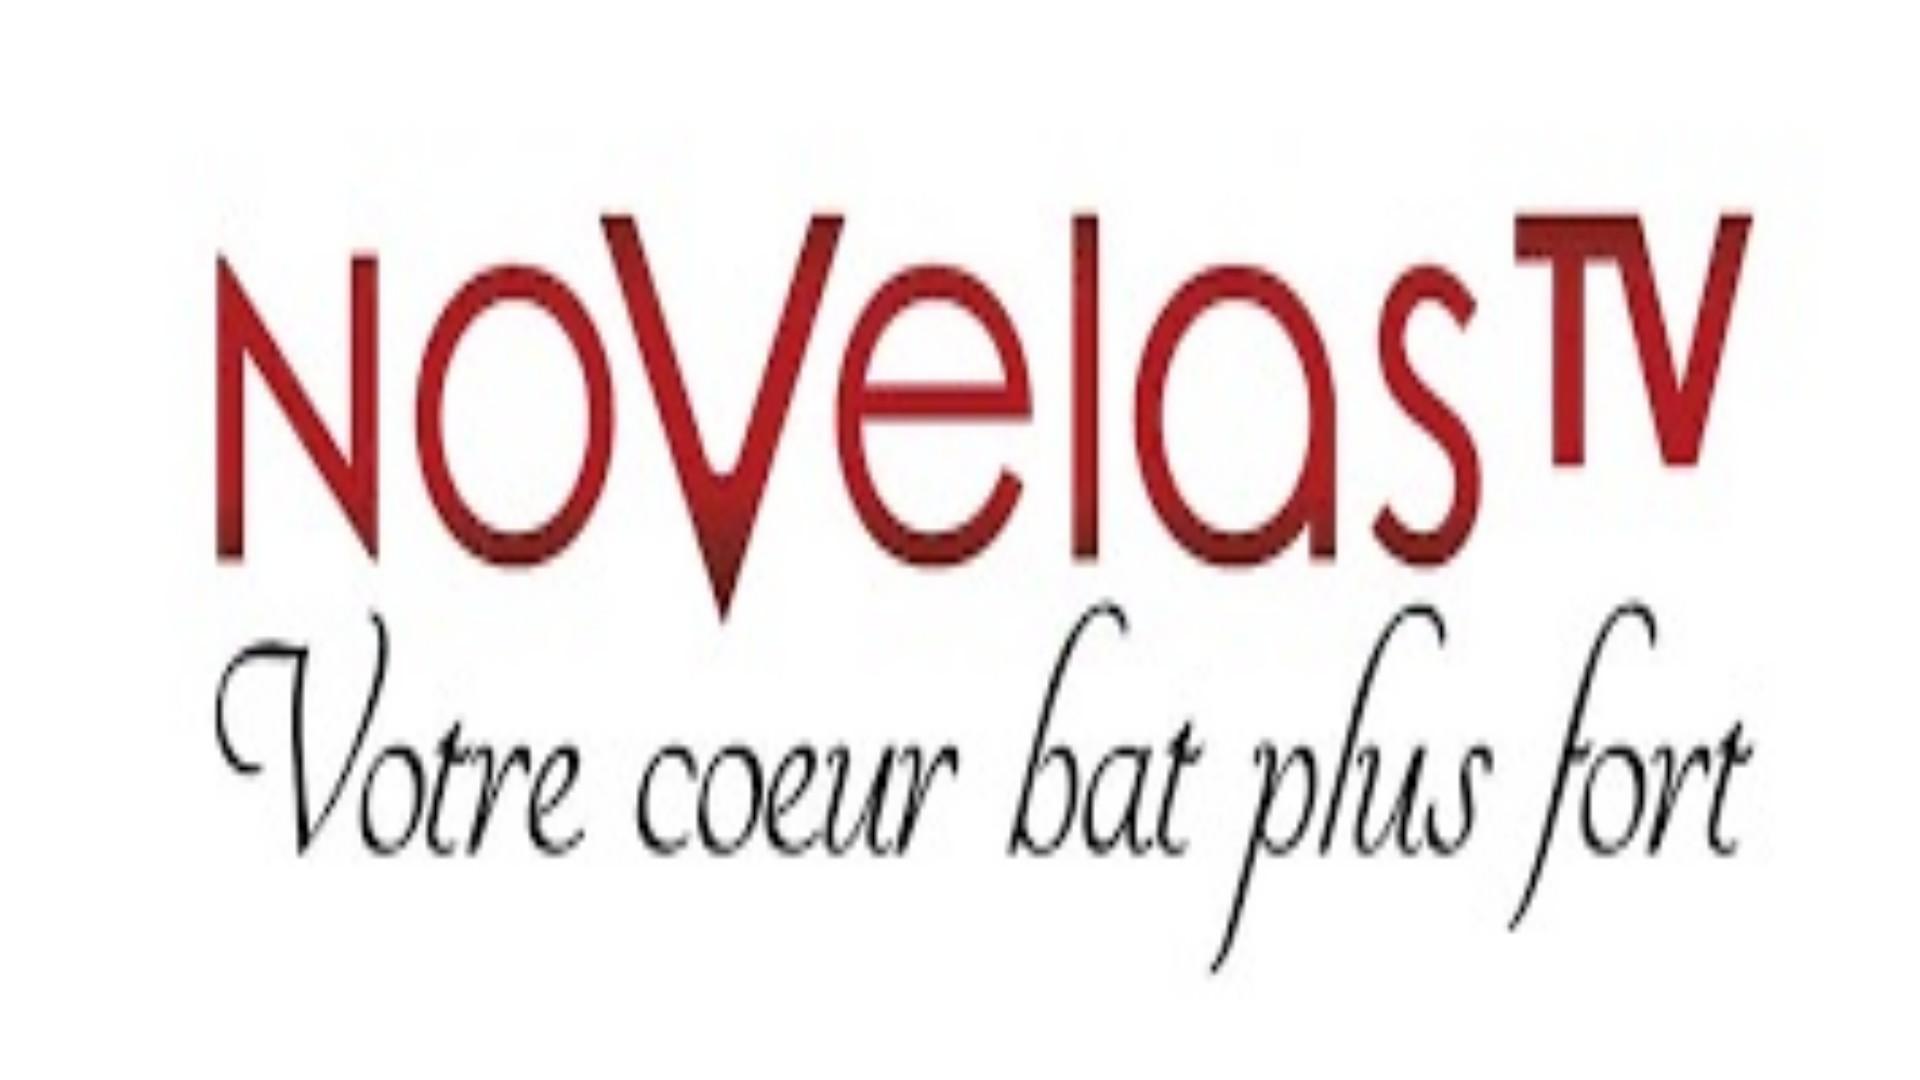 Suppression de la chaîne Novelas Tv des bouquets Canal +: C'était un poisson d'avril !